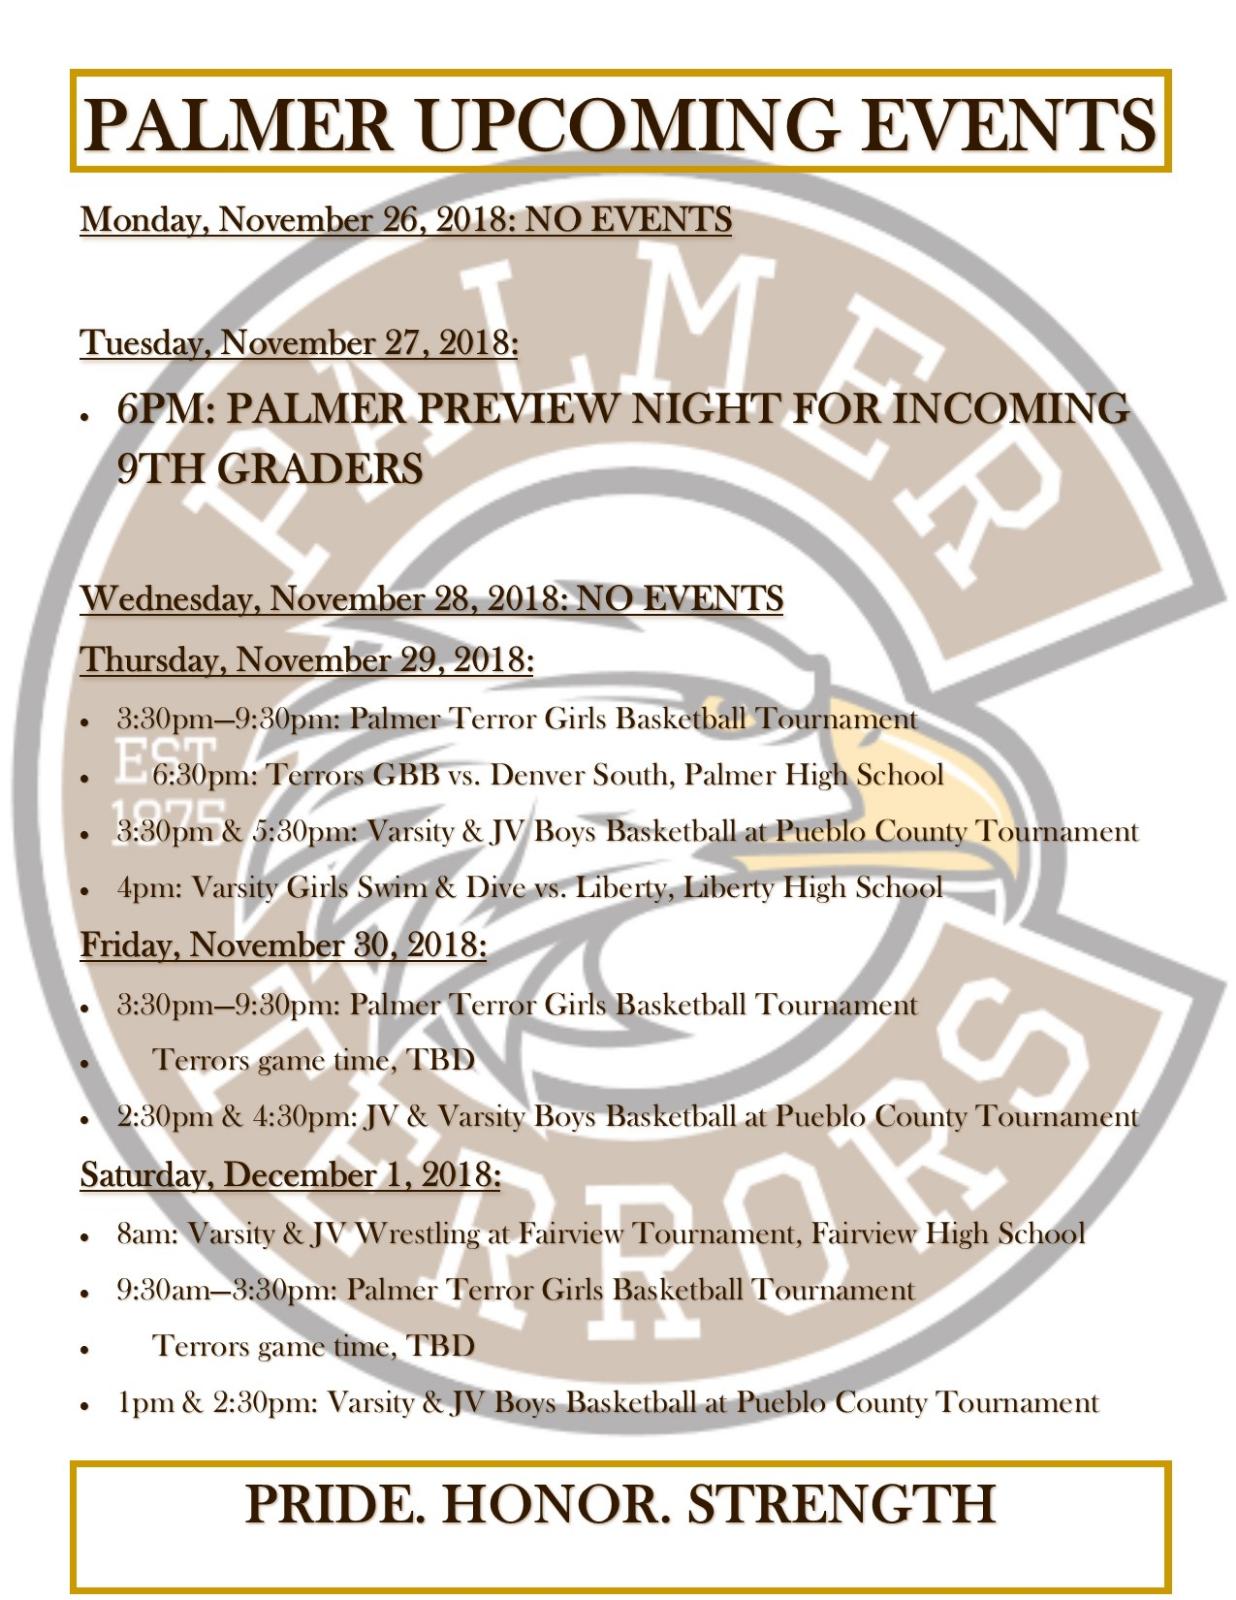 Palmer Events – Nov. 26 – Dec. 1, 2018